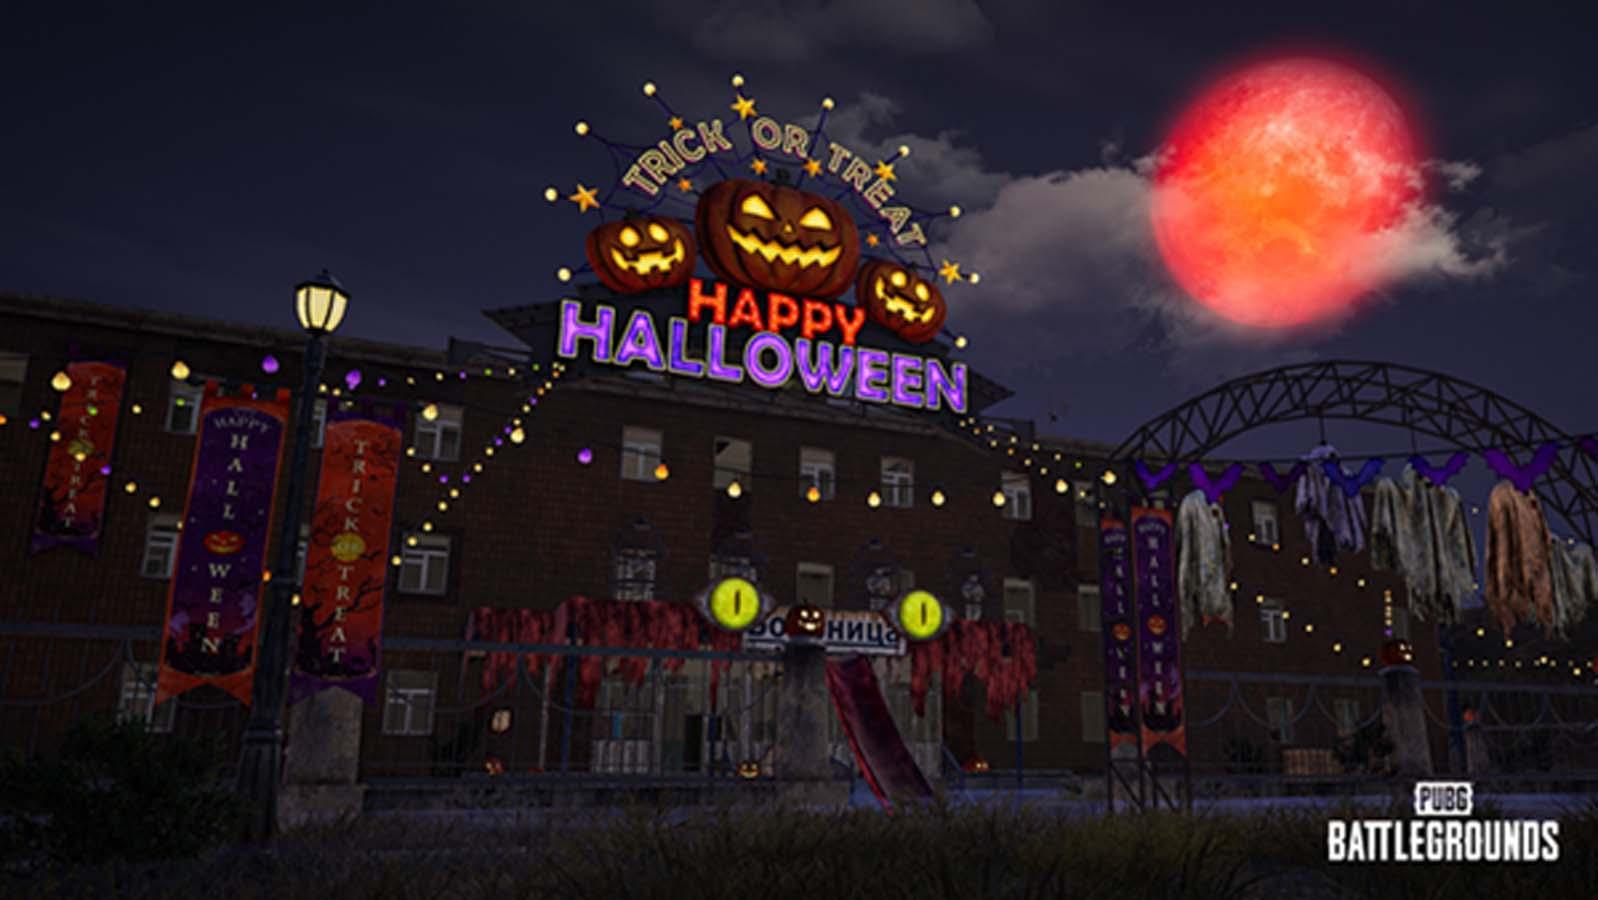 Battlegrounds Brings Halloween